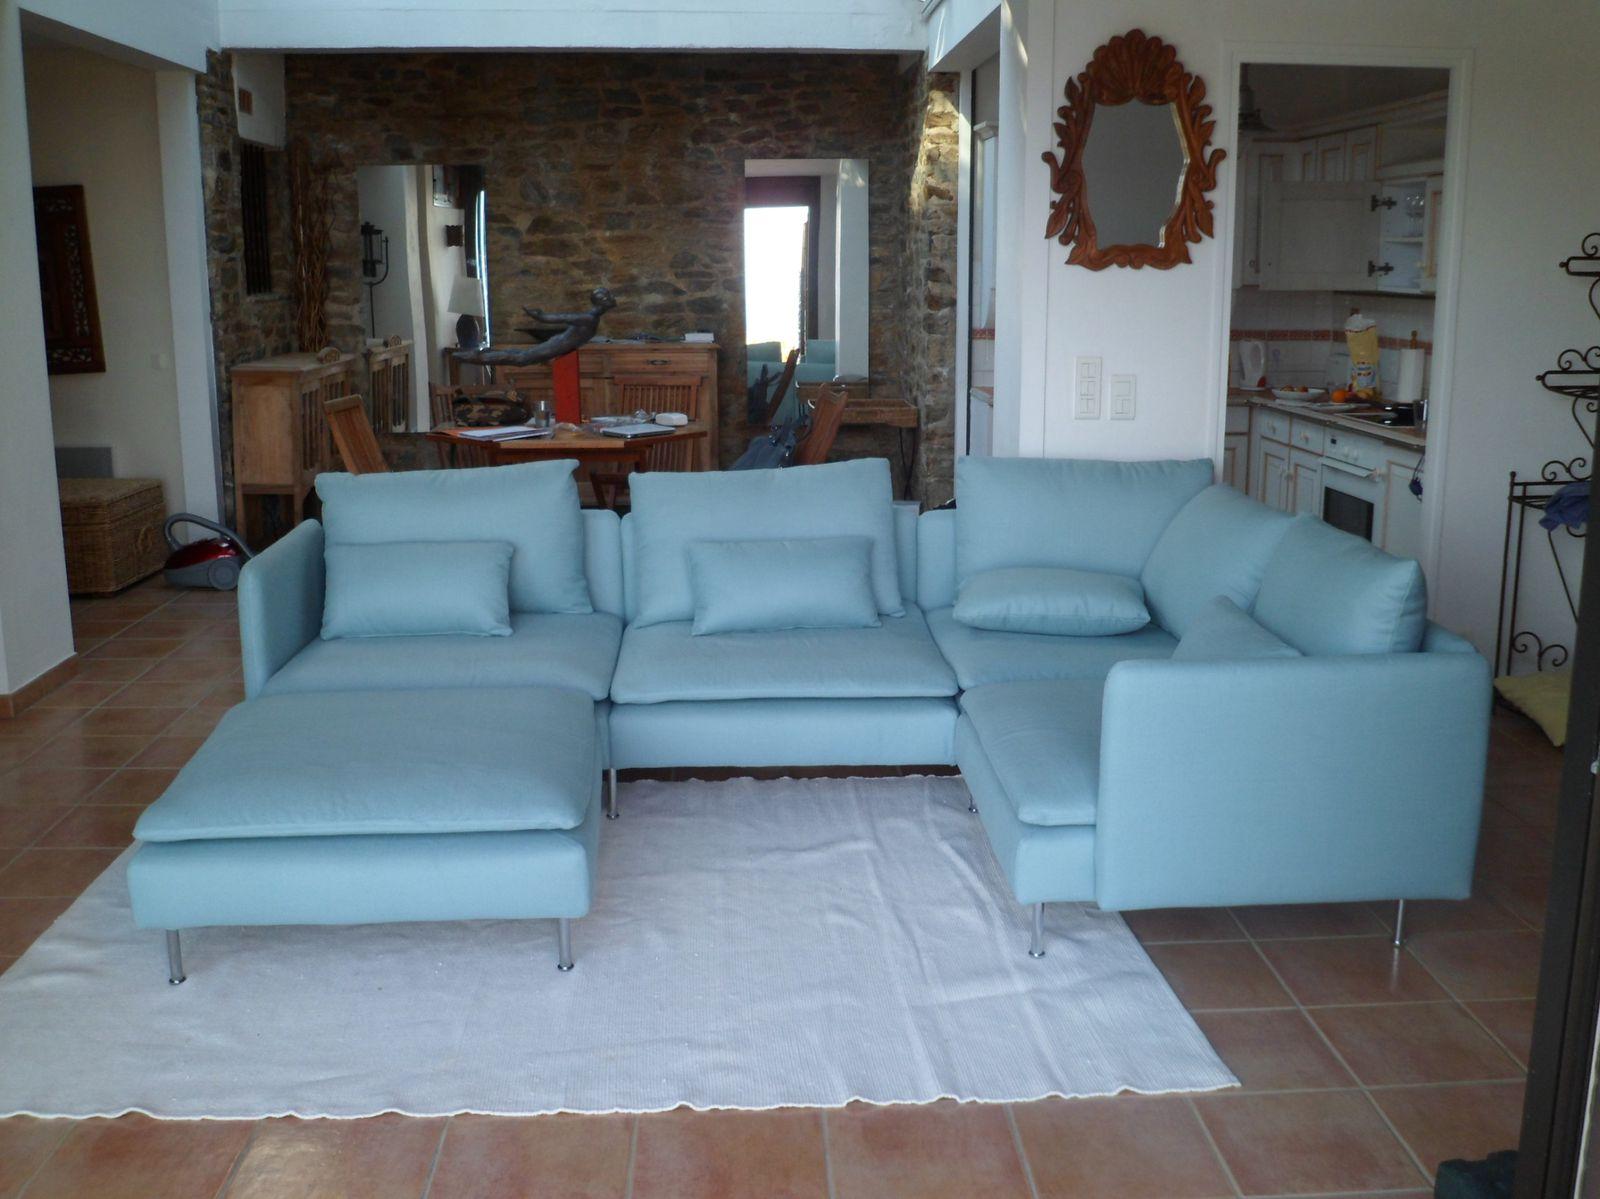 mrjohnnybrico toulon montage de meuble ikea salon canape mrjohnnybrico toulon ebeniste et montage de meubles cuisines en kit